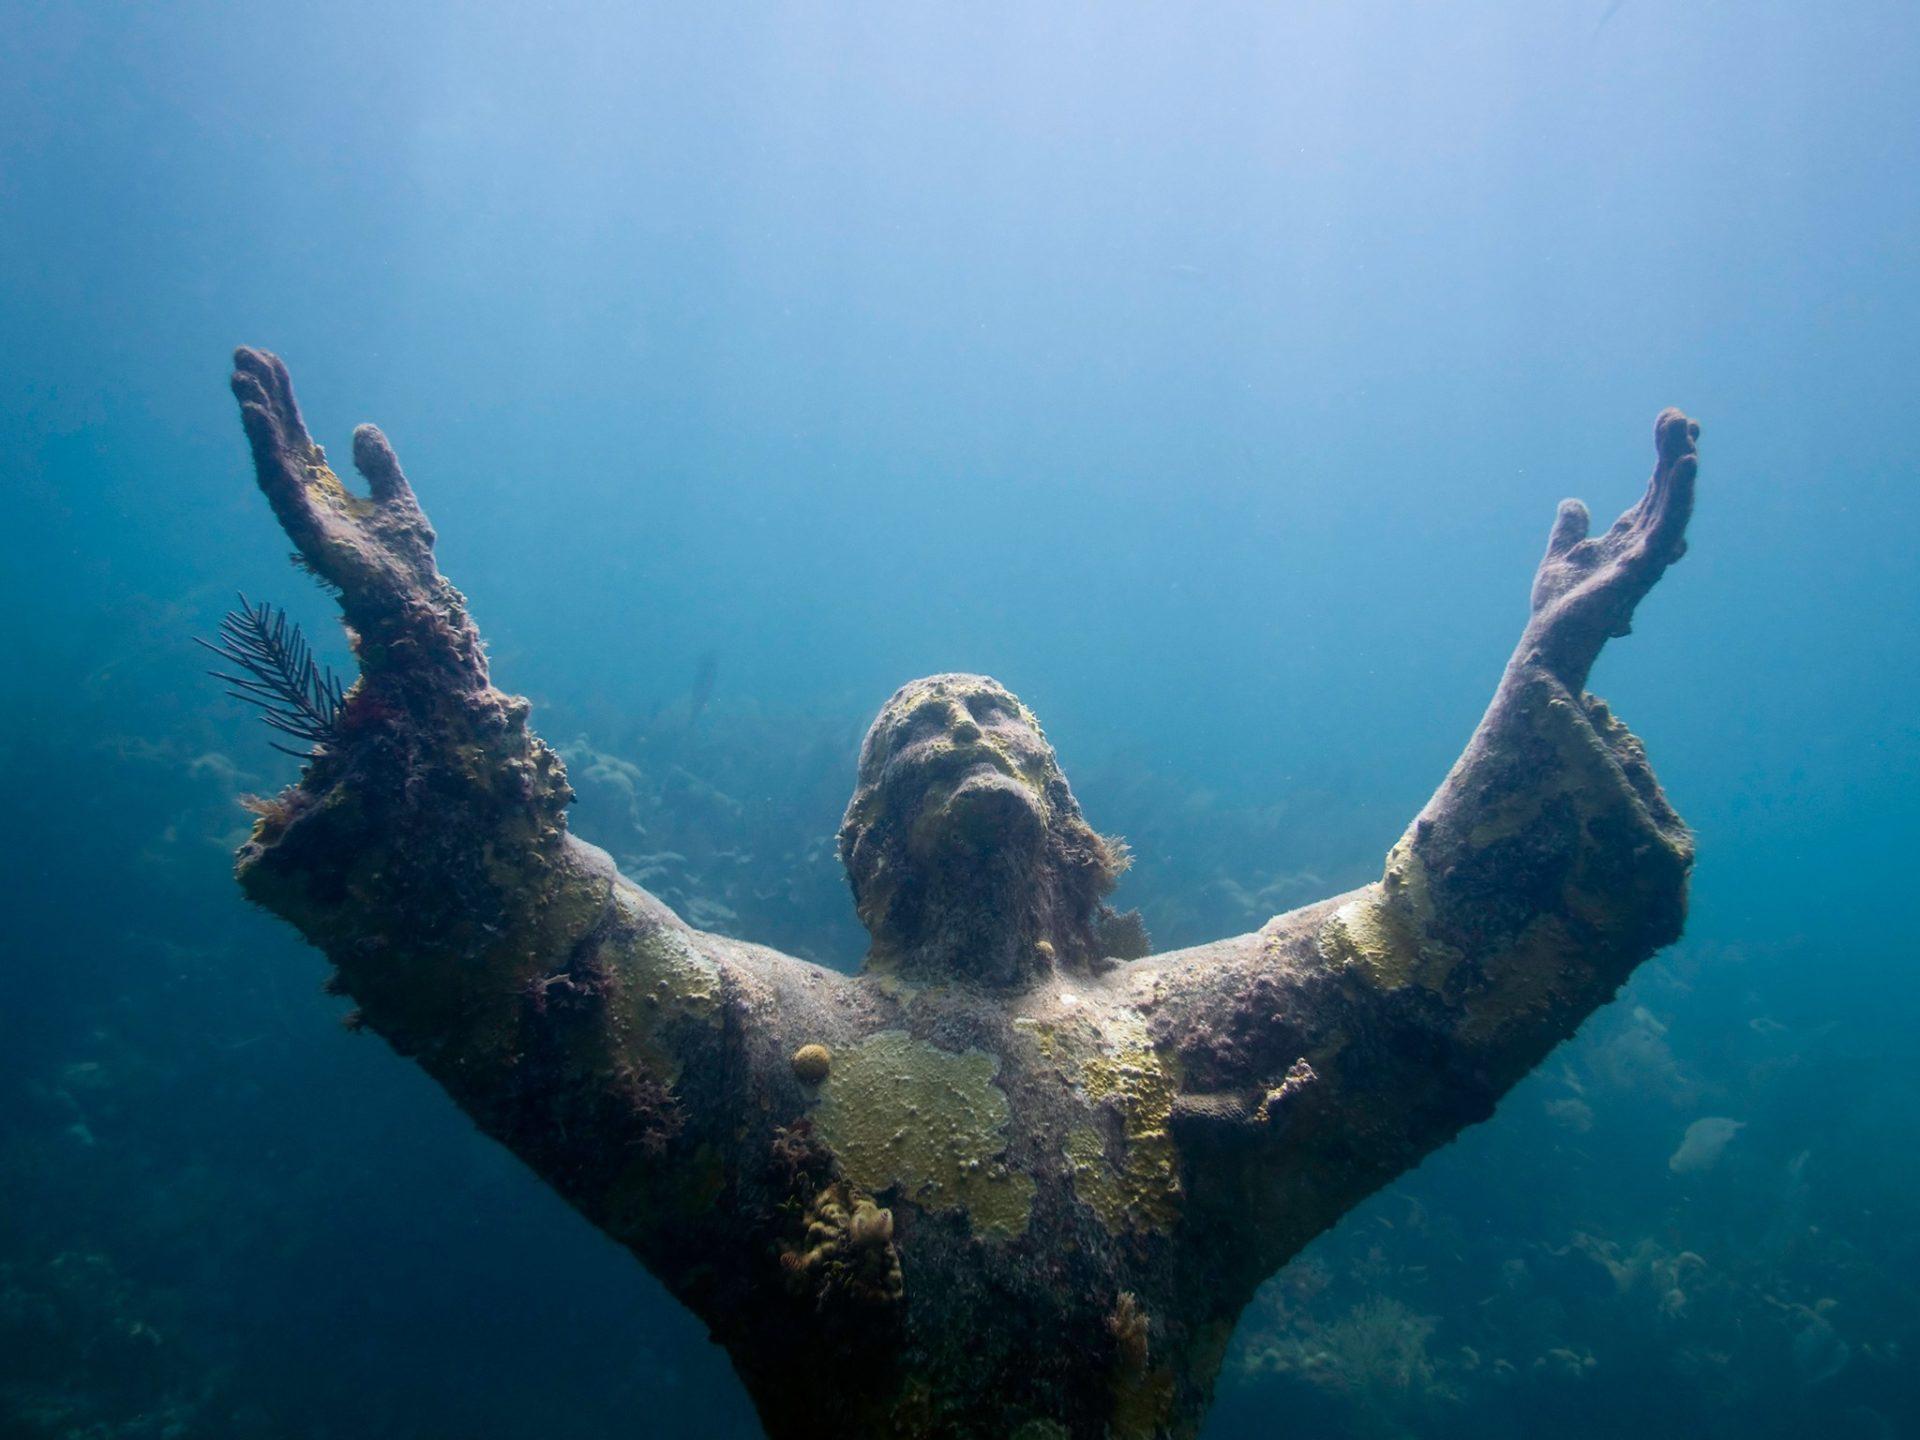 7. Христос из бездны, Ки Ларго, Флорида, США.